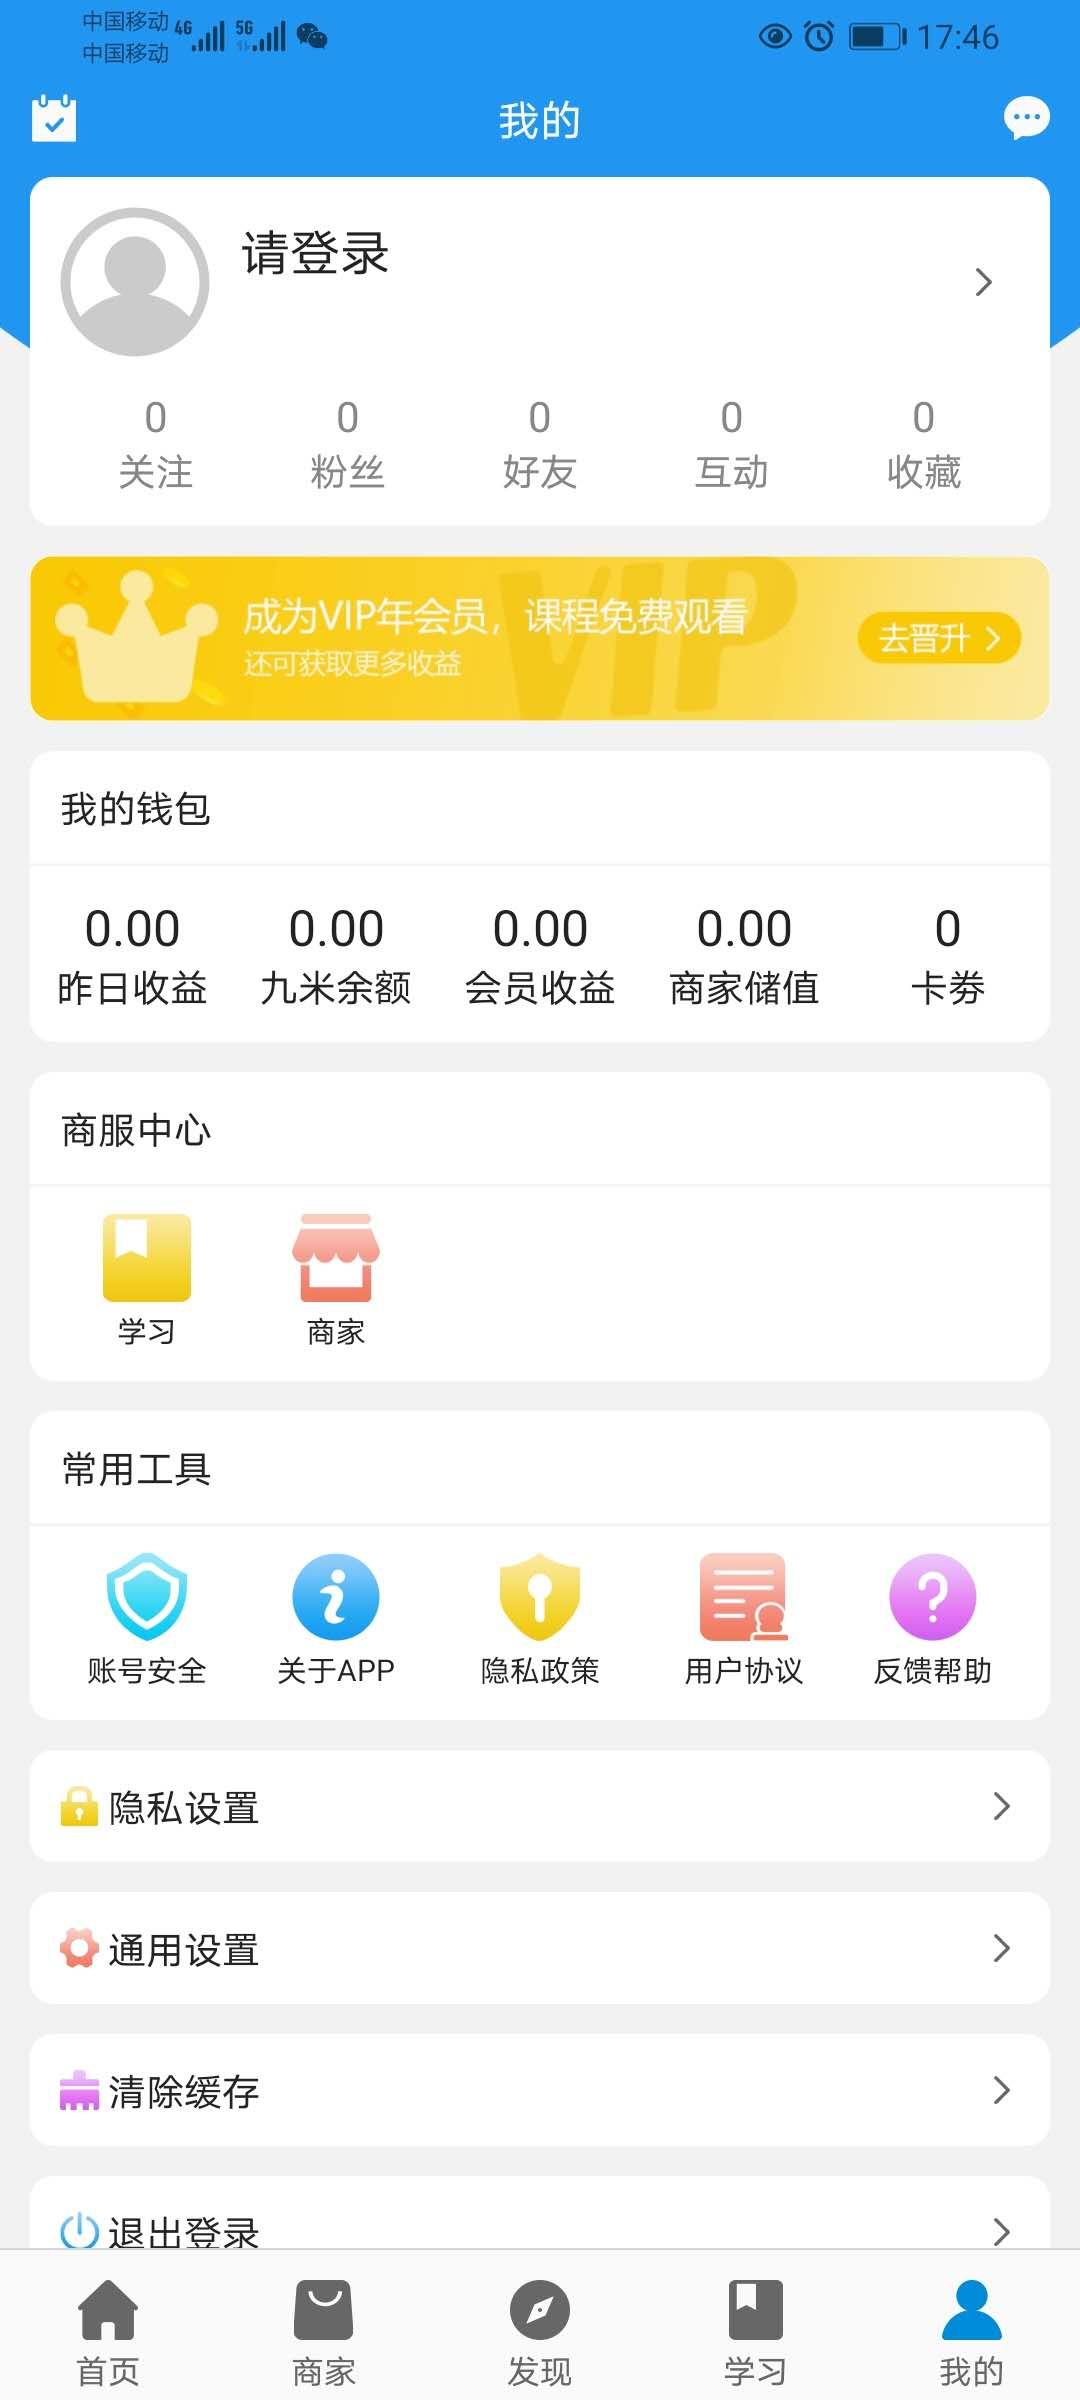 九个巨人app